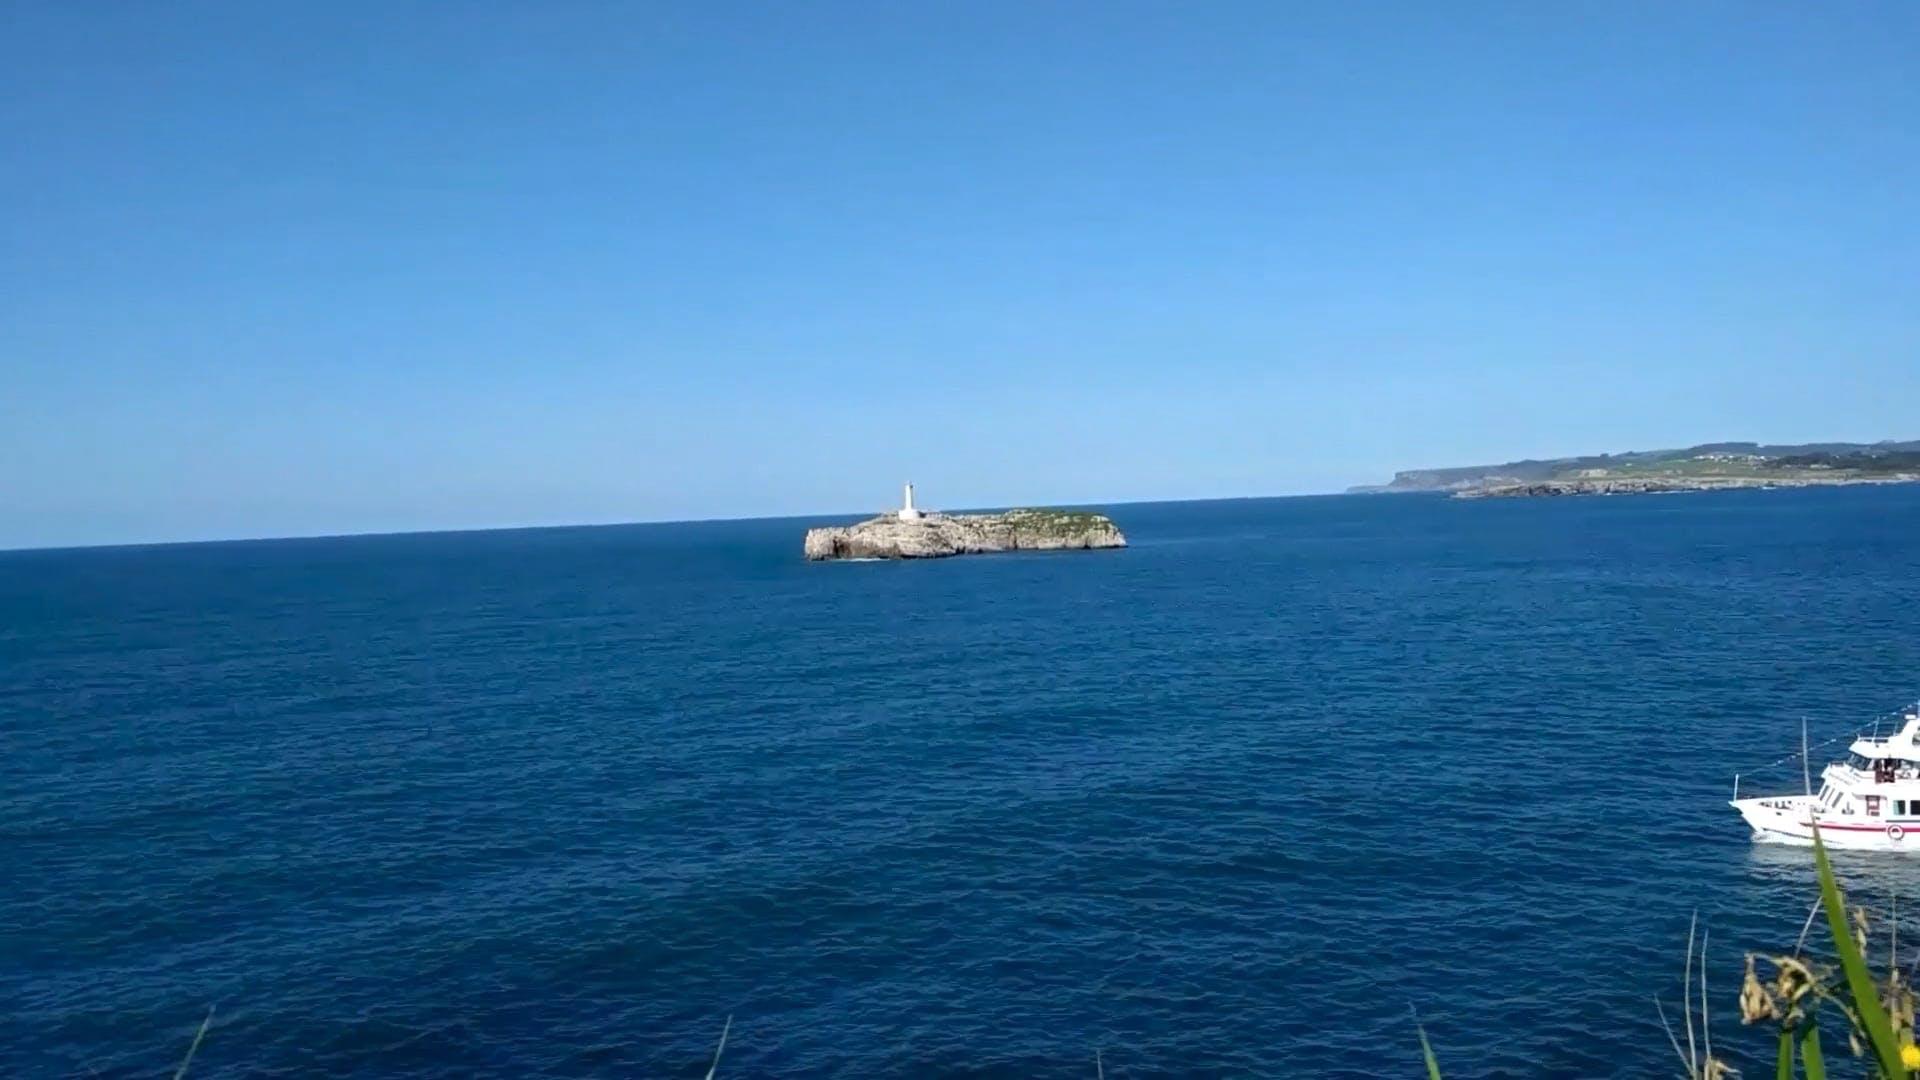 Ship Cruising Across The Sea